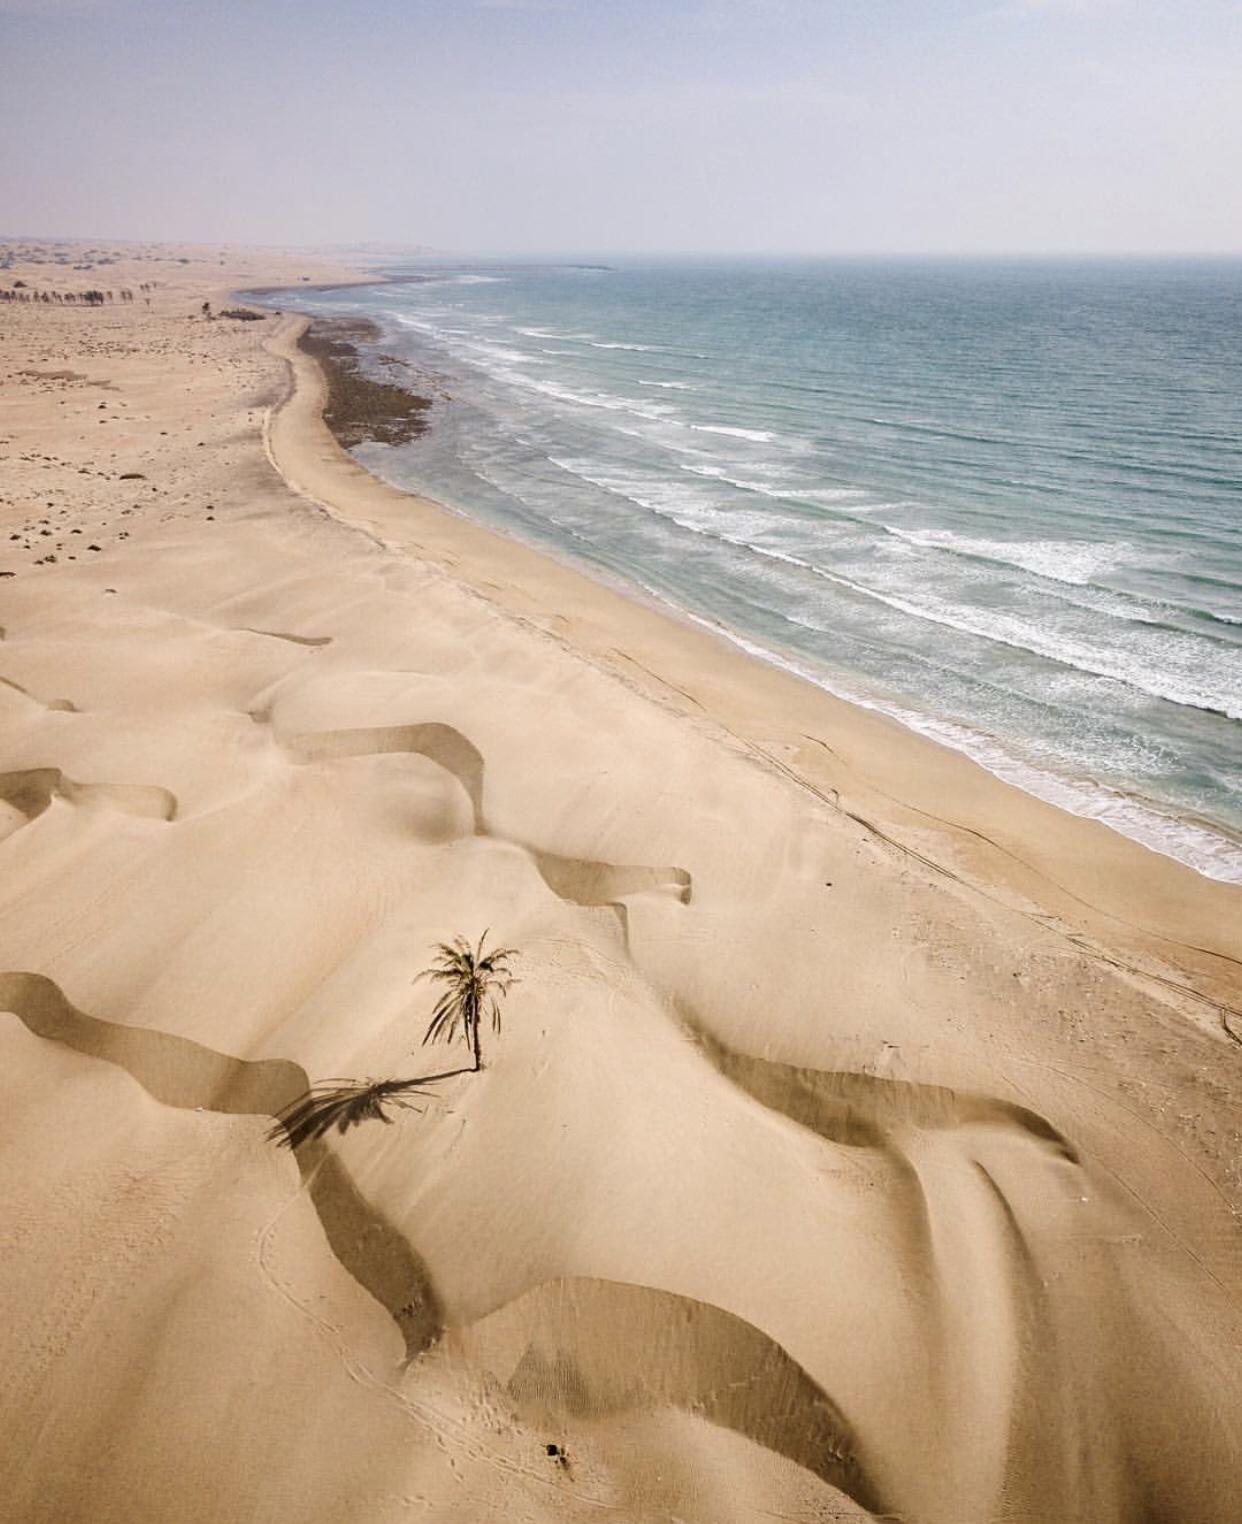 عدسة إيرانية: التقاء الصحراء بالبحر في سيستان بالوشستان 1